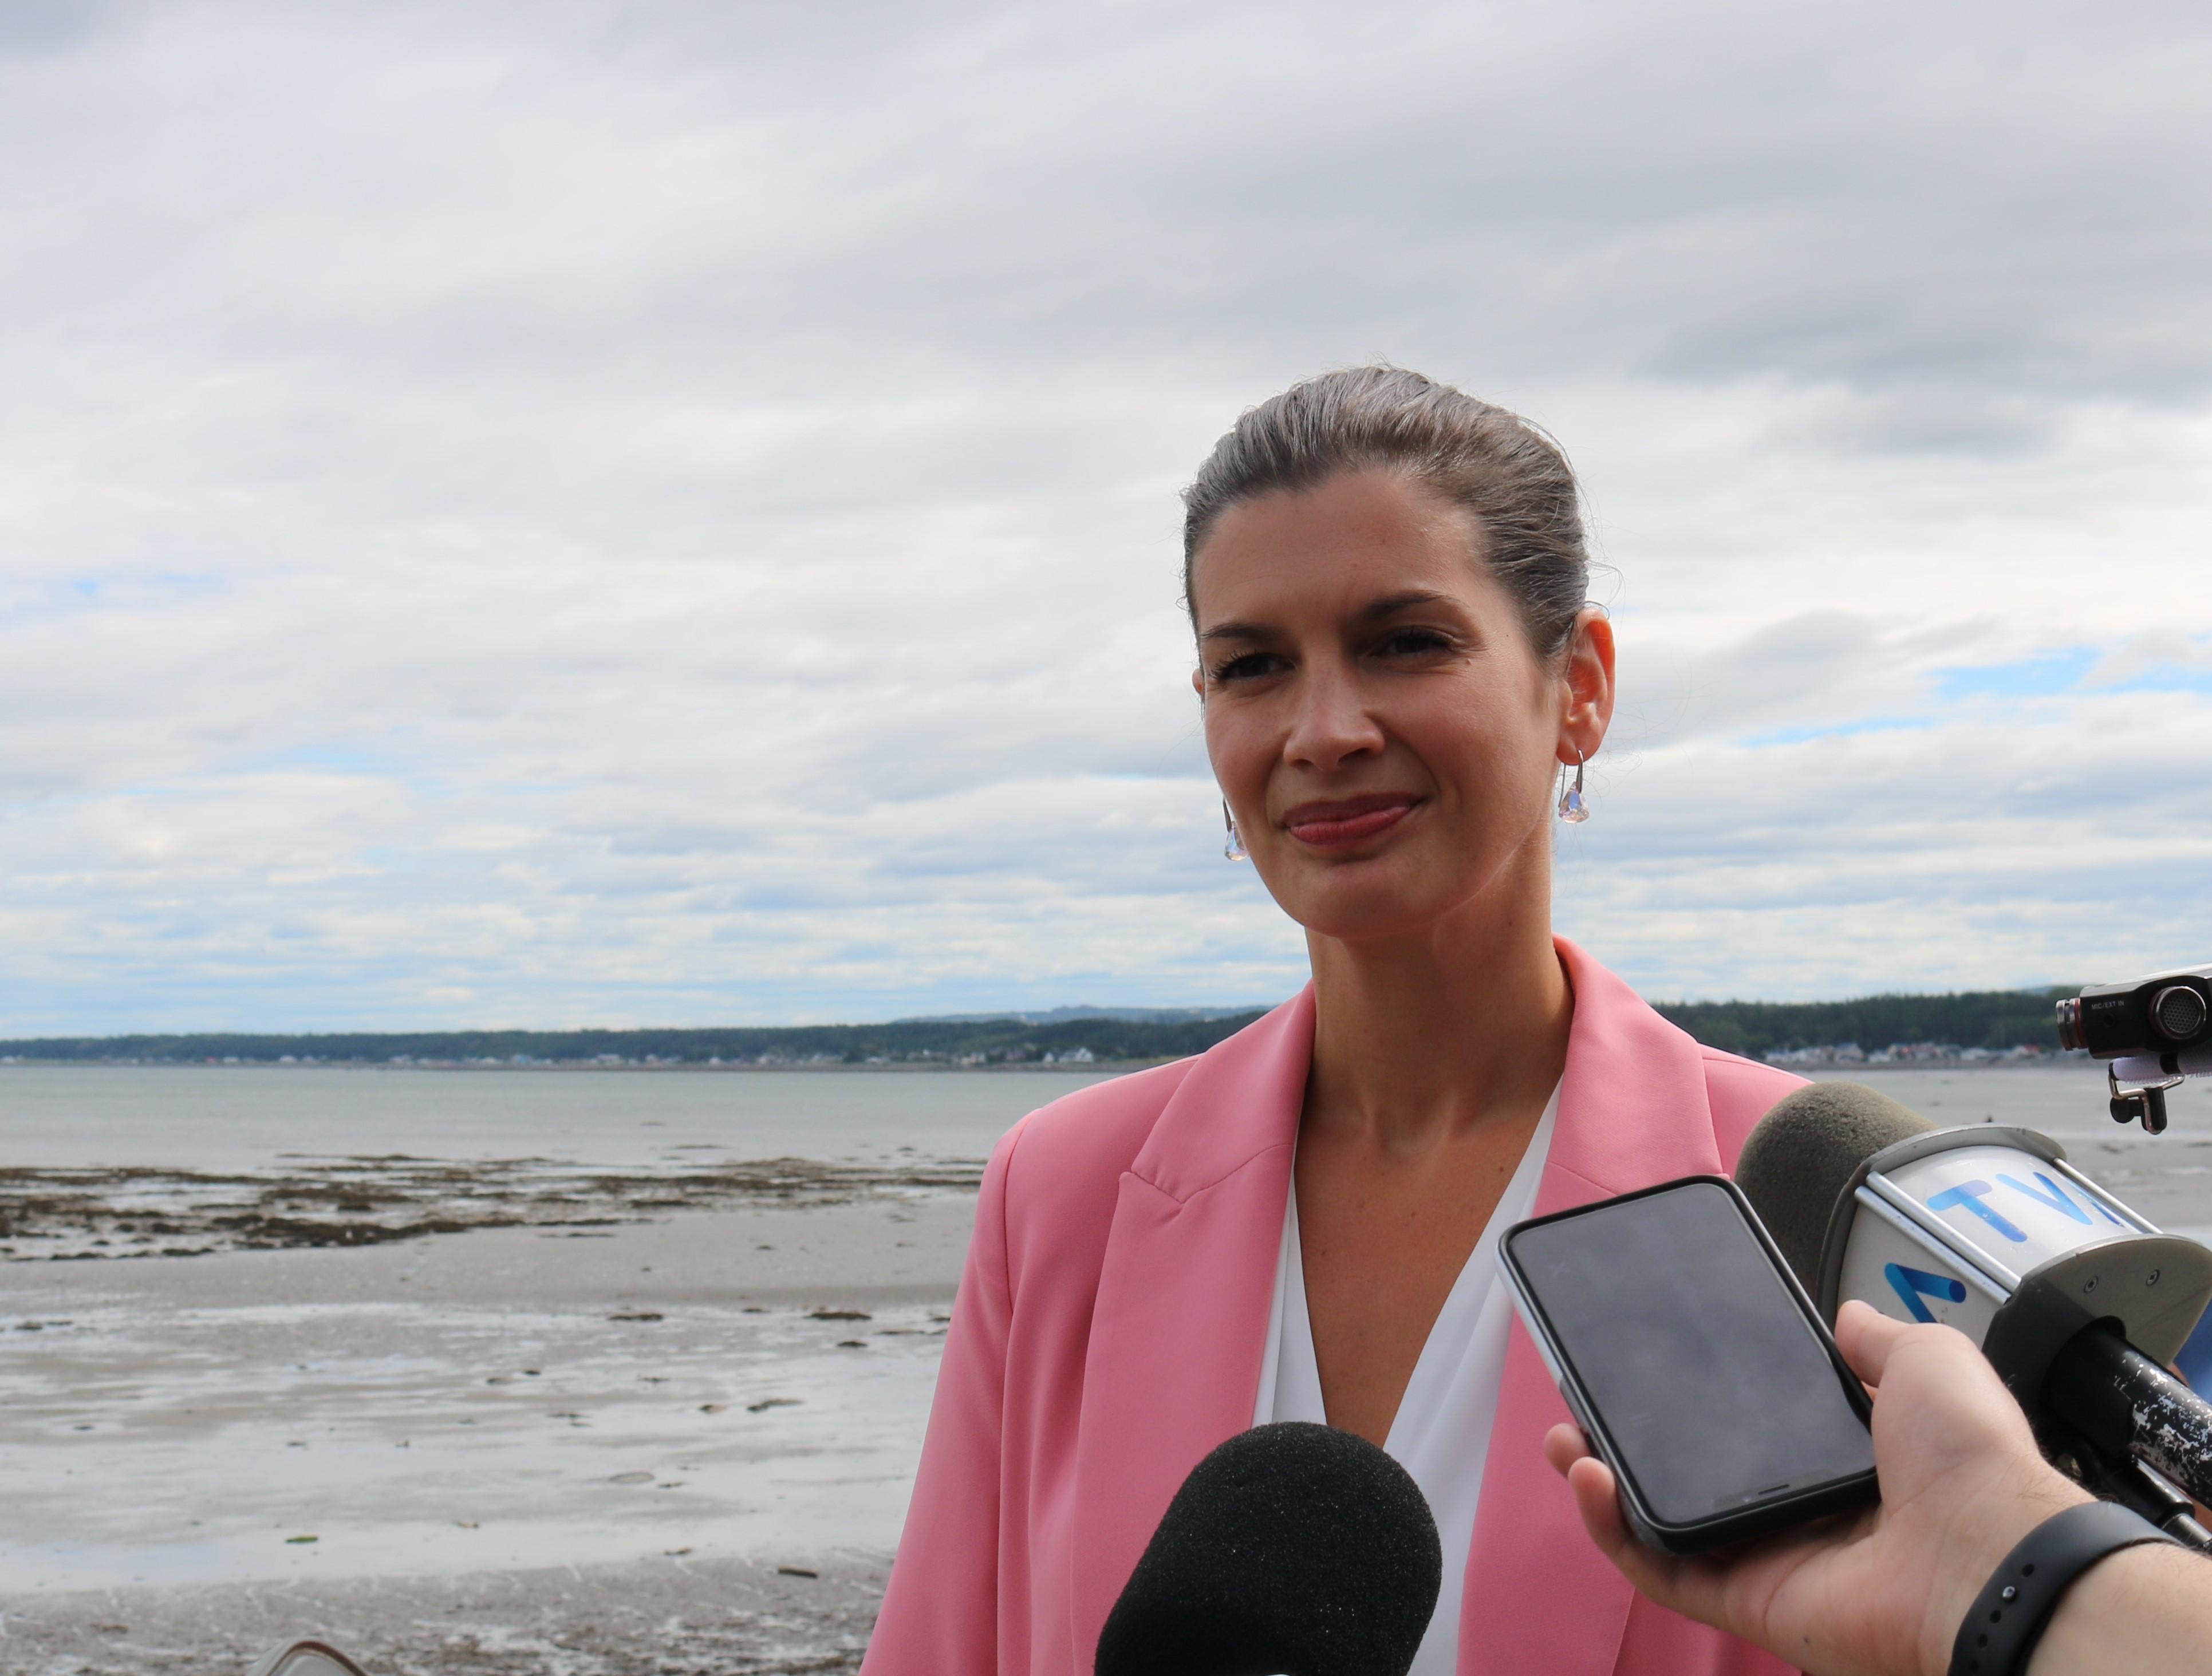 La vice-première ministre du Québec, Geneviève Guilbault, était de passage à Sainte-Luce.